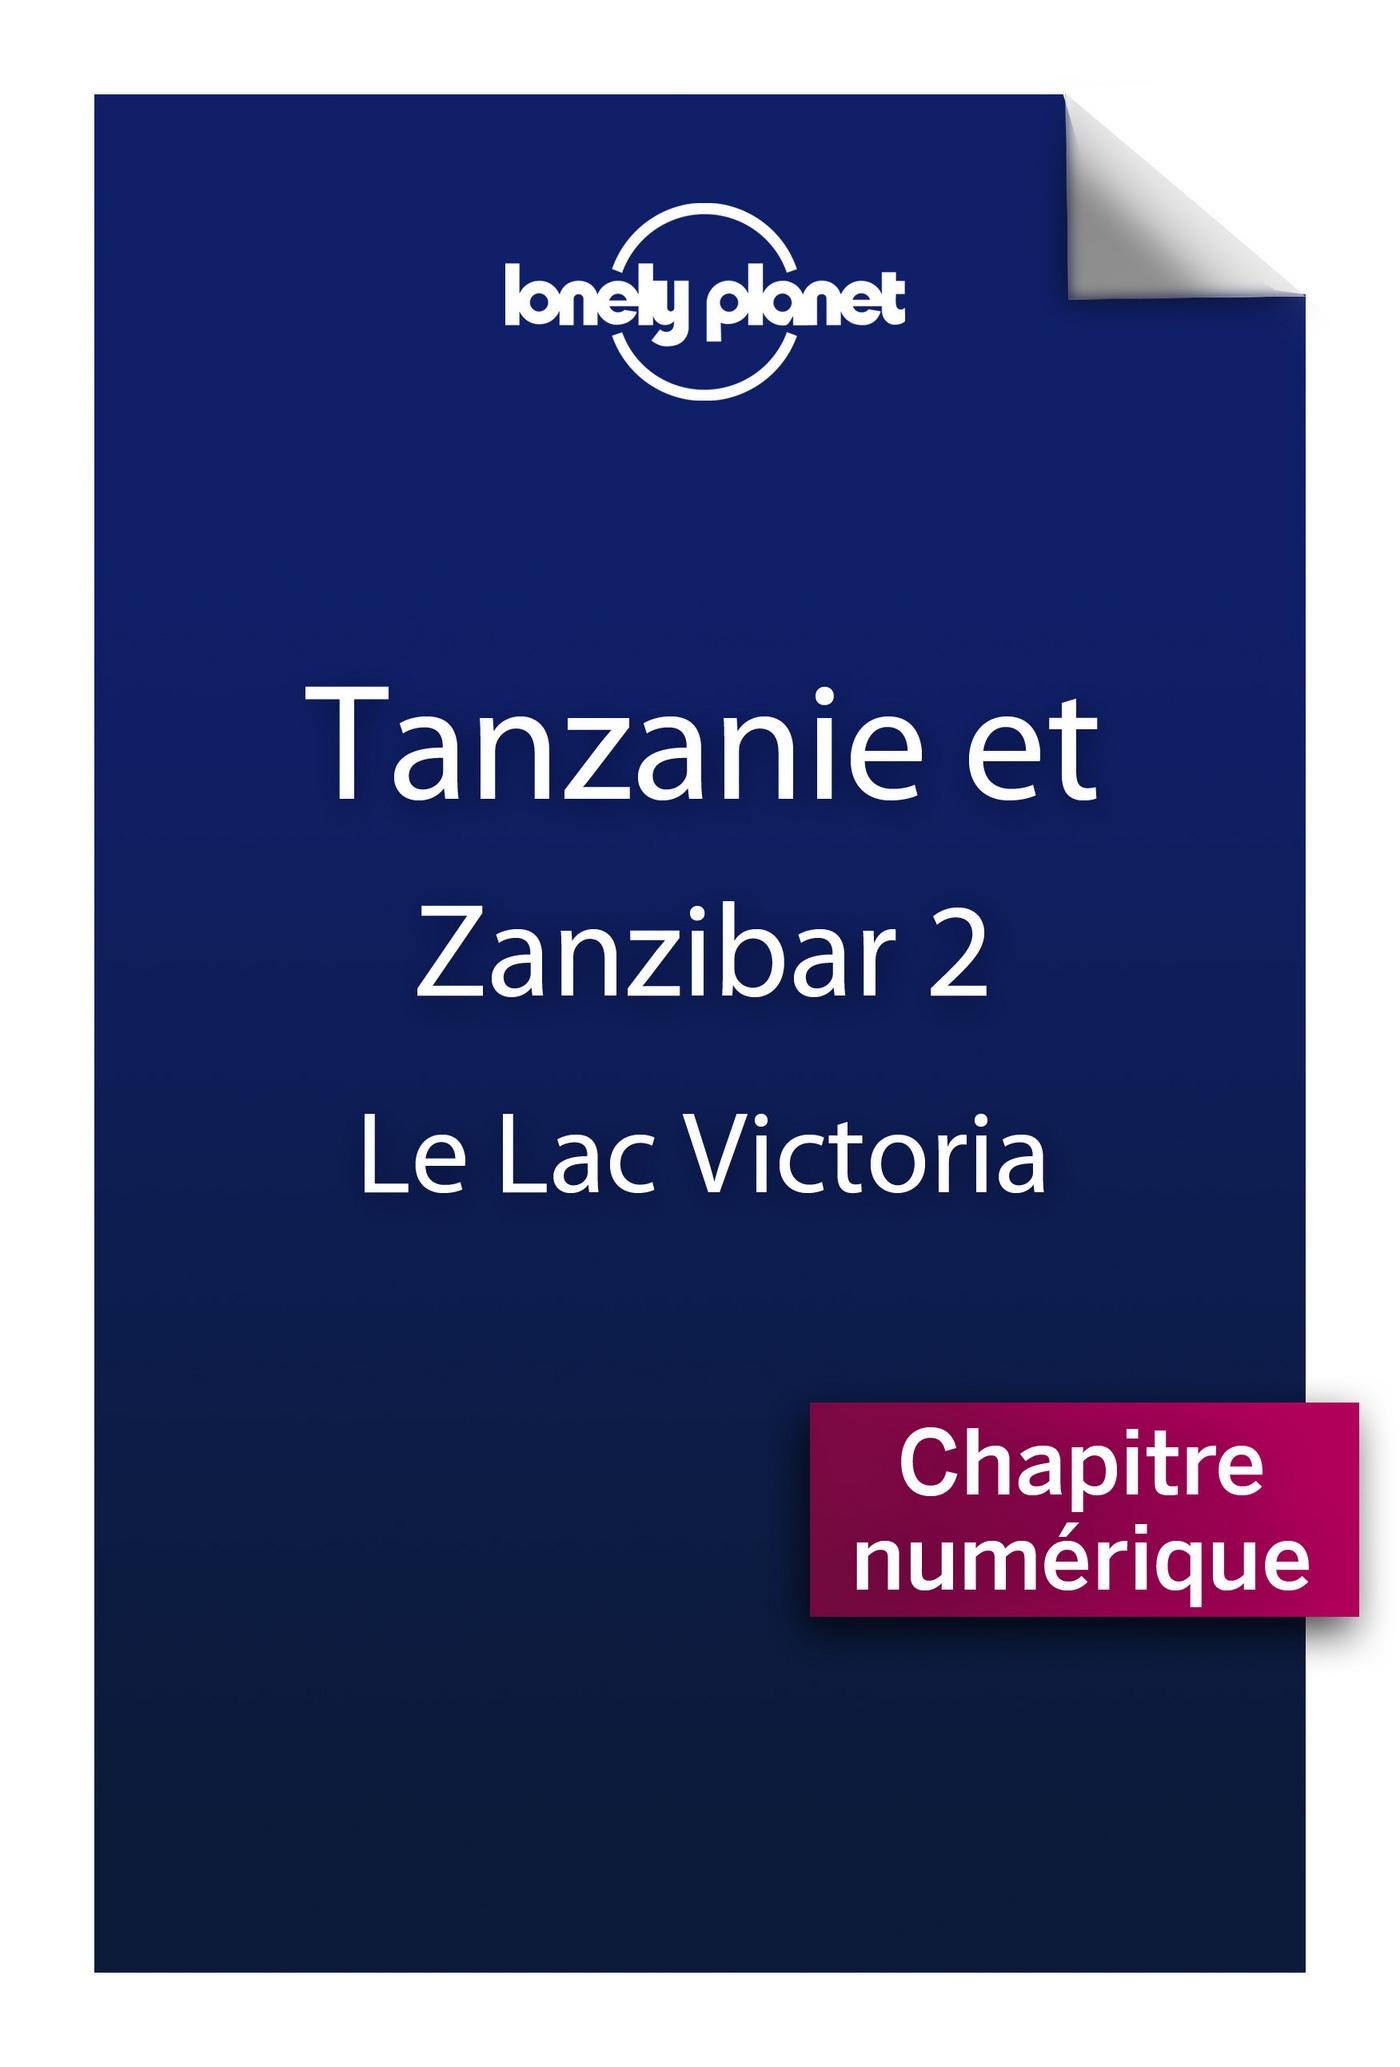 Tanzanie 2 - Le Lac Victoria